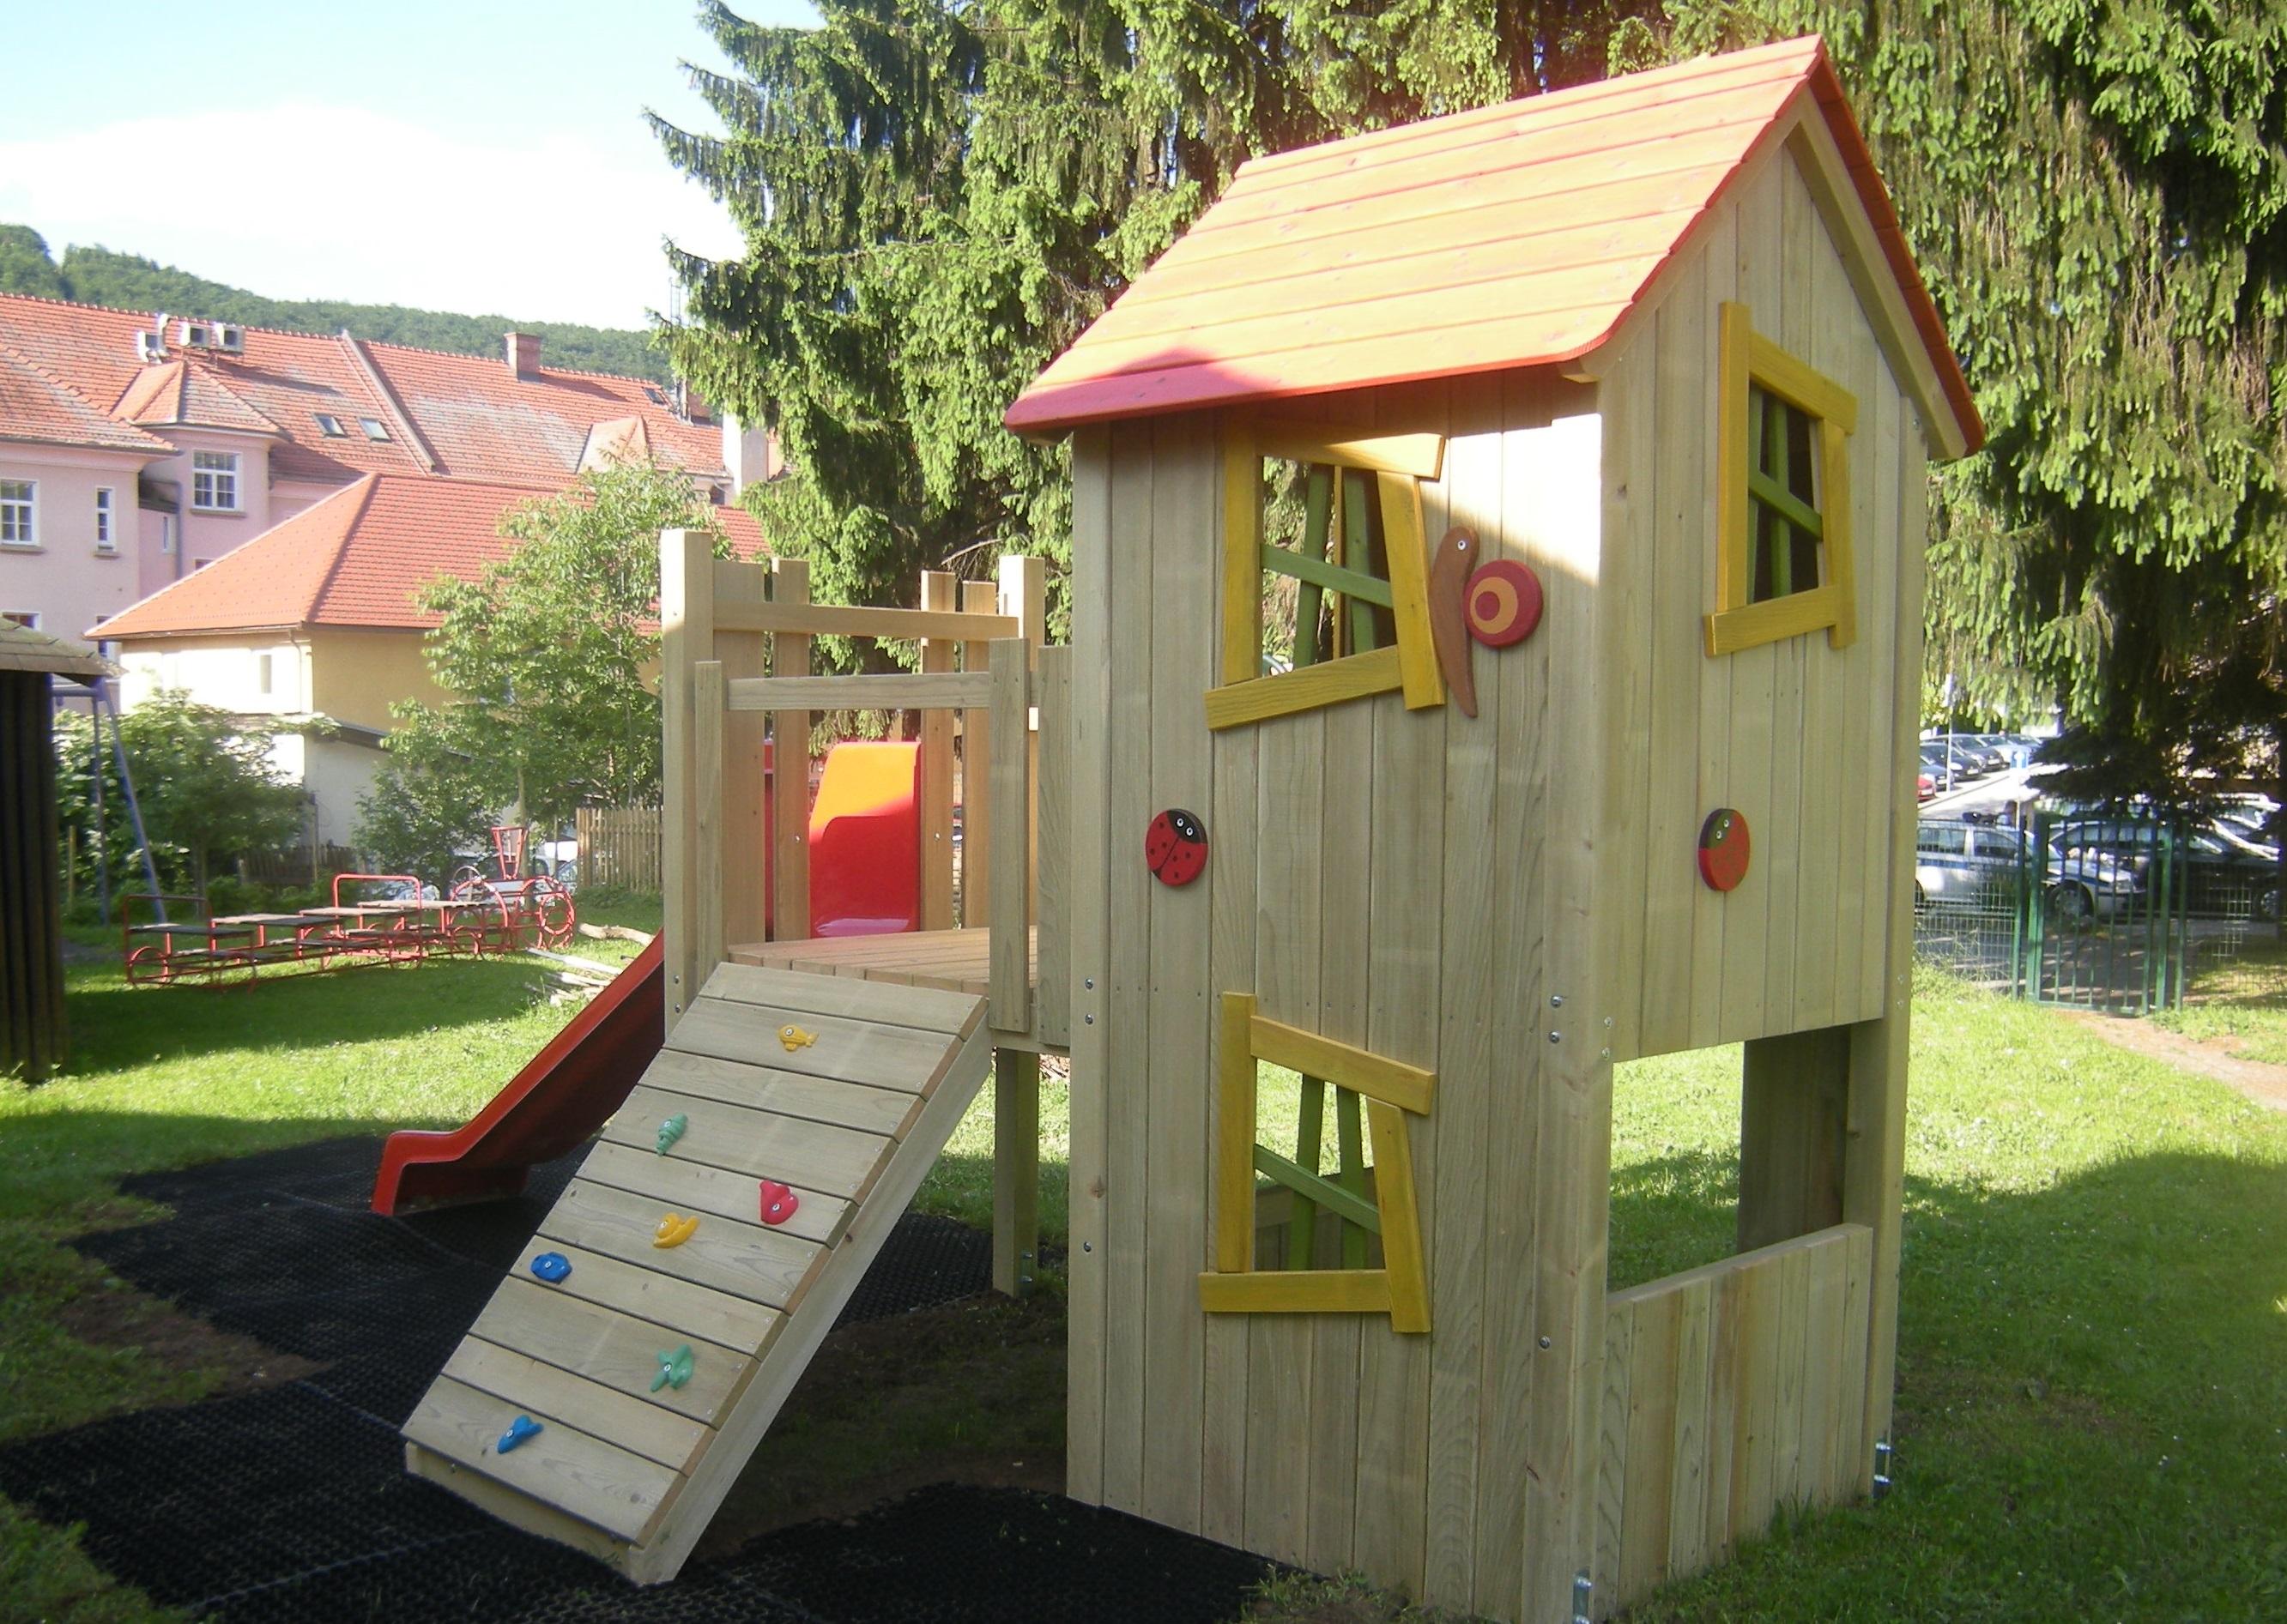 S6 igralni stolp s dvojno hiško ROBI